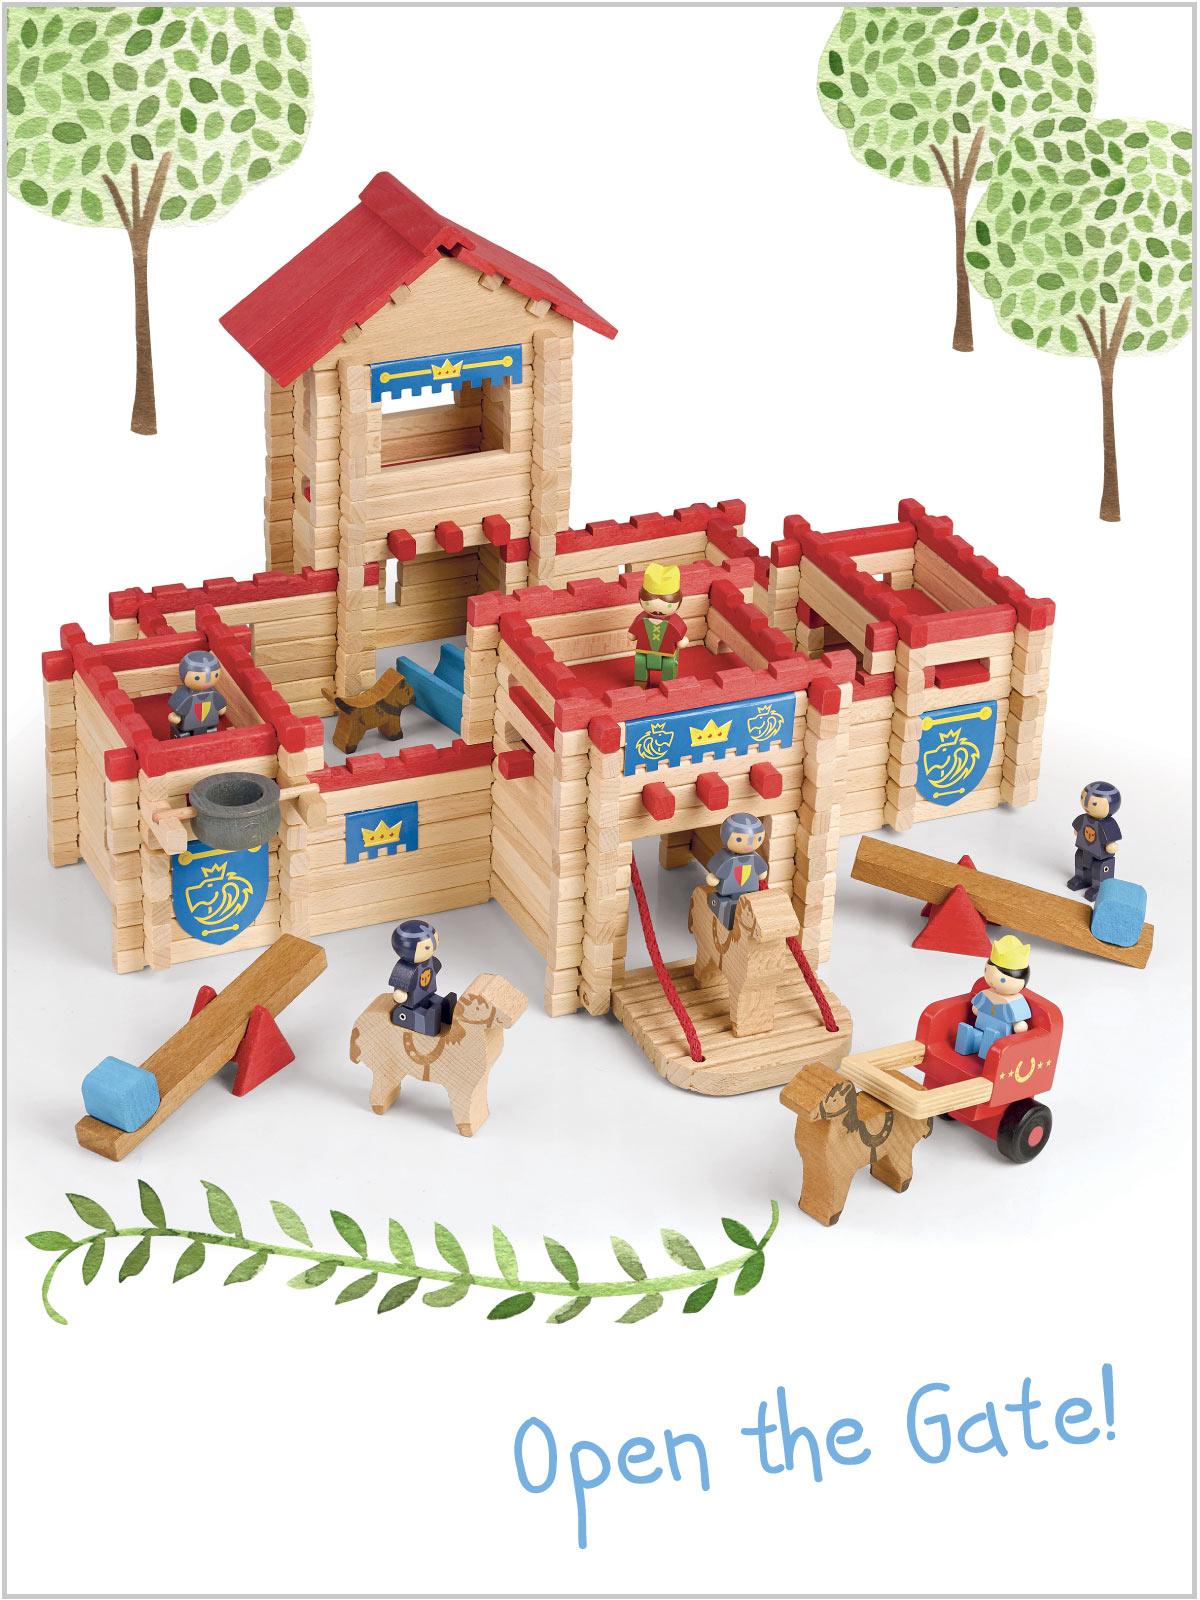 frederickandsophie-toys-kids-jeujura-wooden-castle